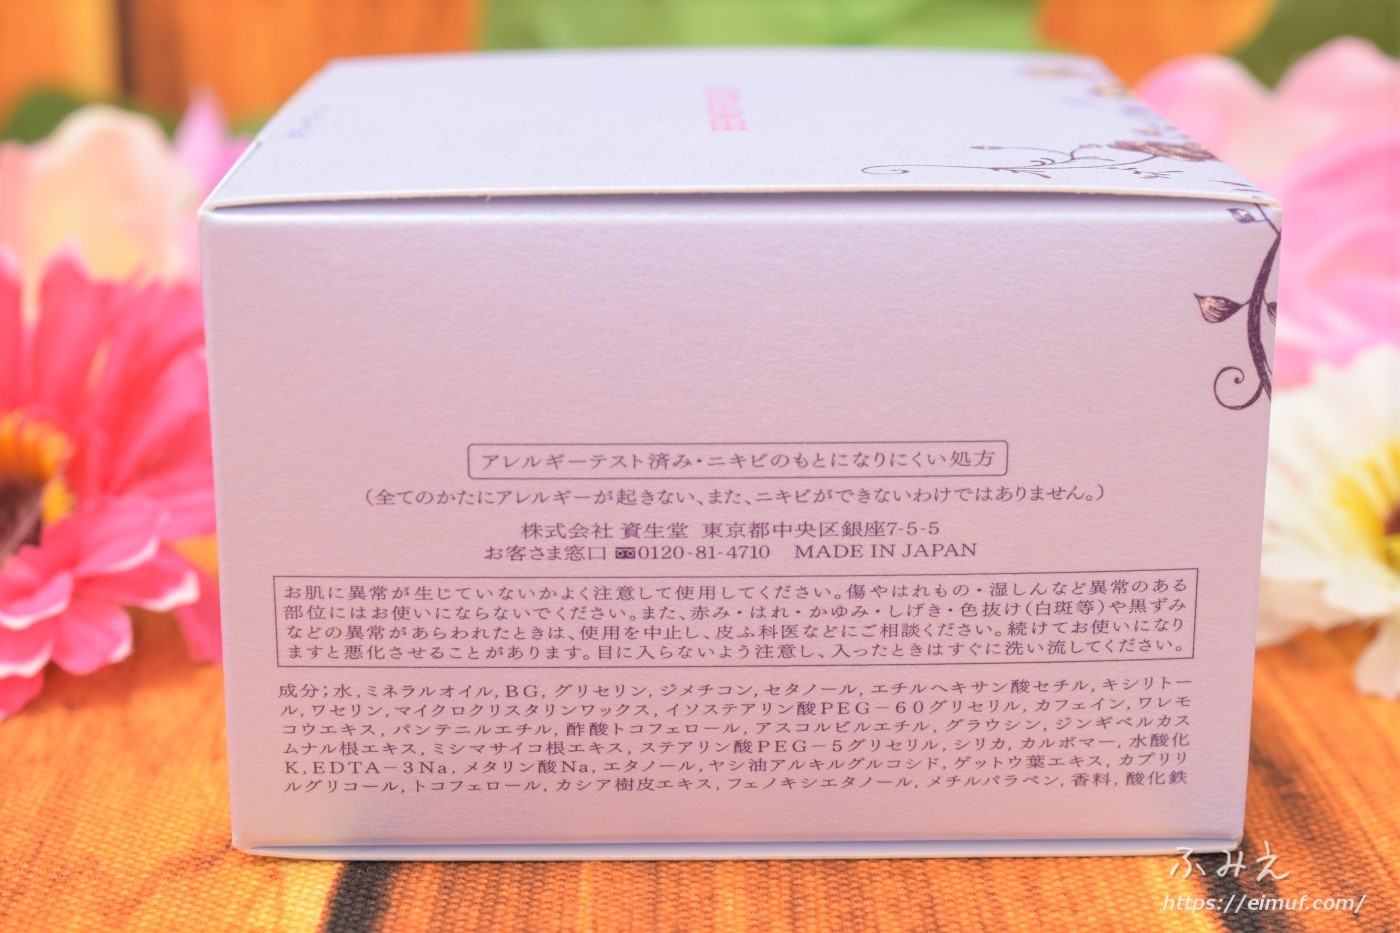 ベネフィークのボディクリーム(フォルミング)パッケージ側面